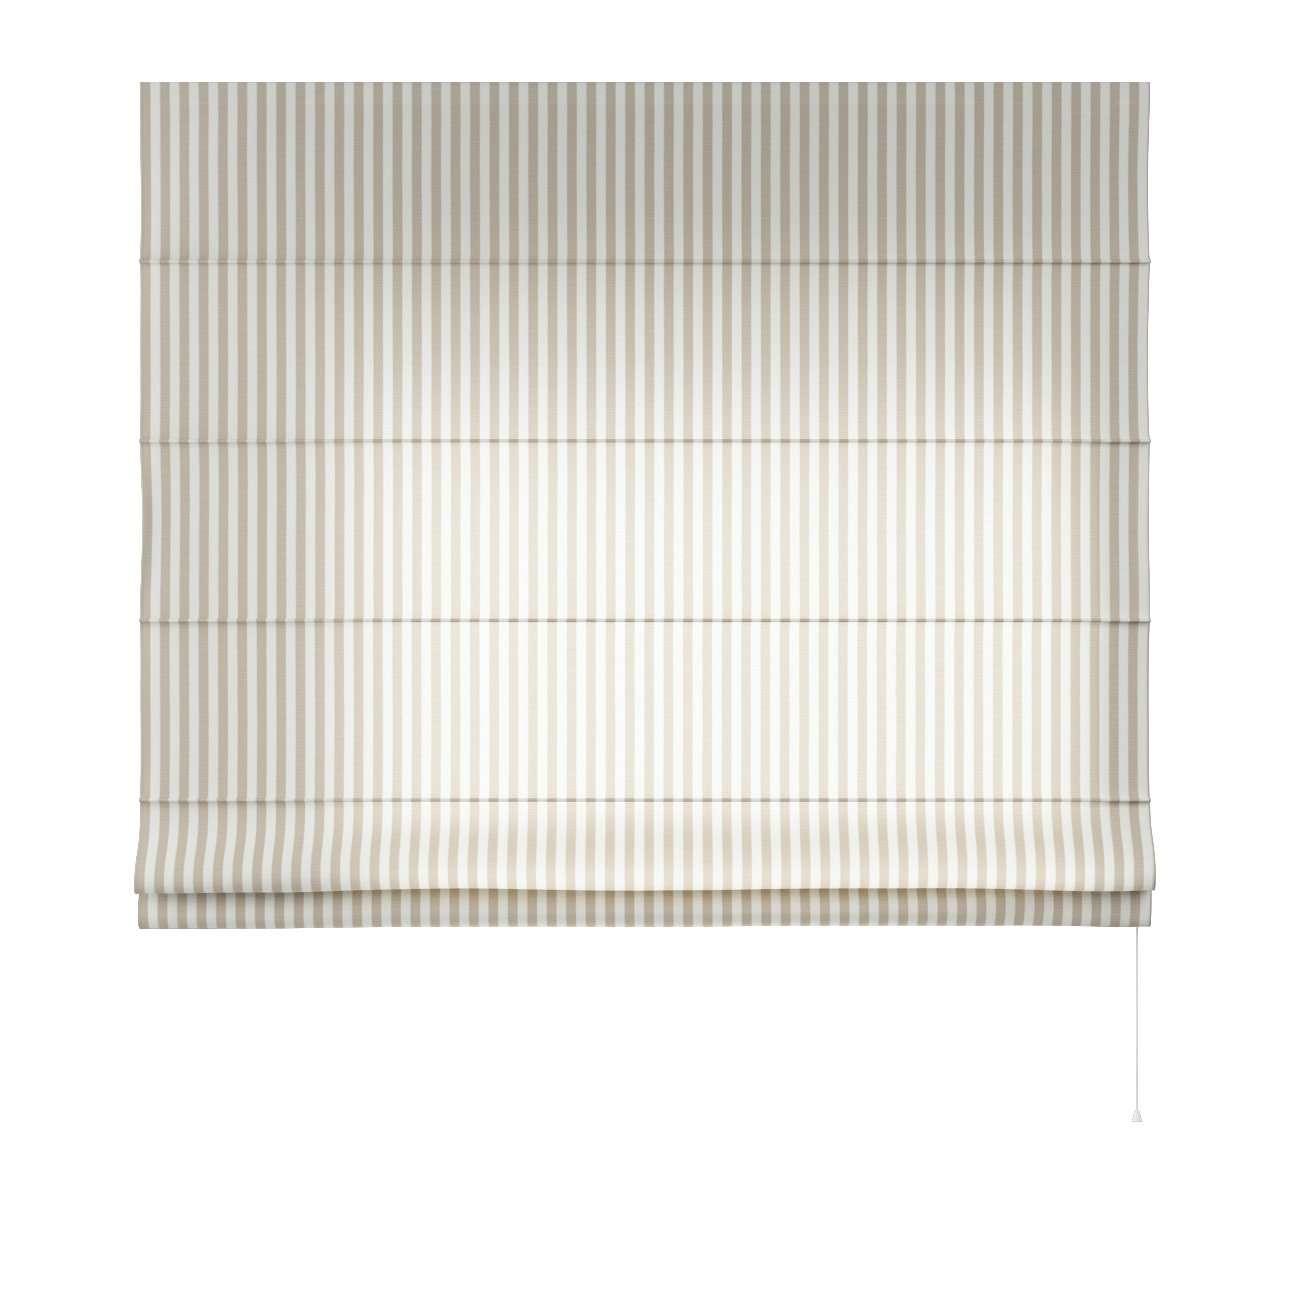 Romanetės Capri 80 x 170 cm (plotis x ilgis) kolekcijoje Quadro, audinys: 136-07